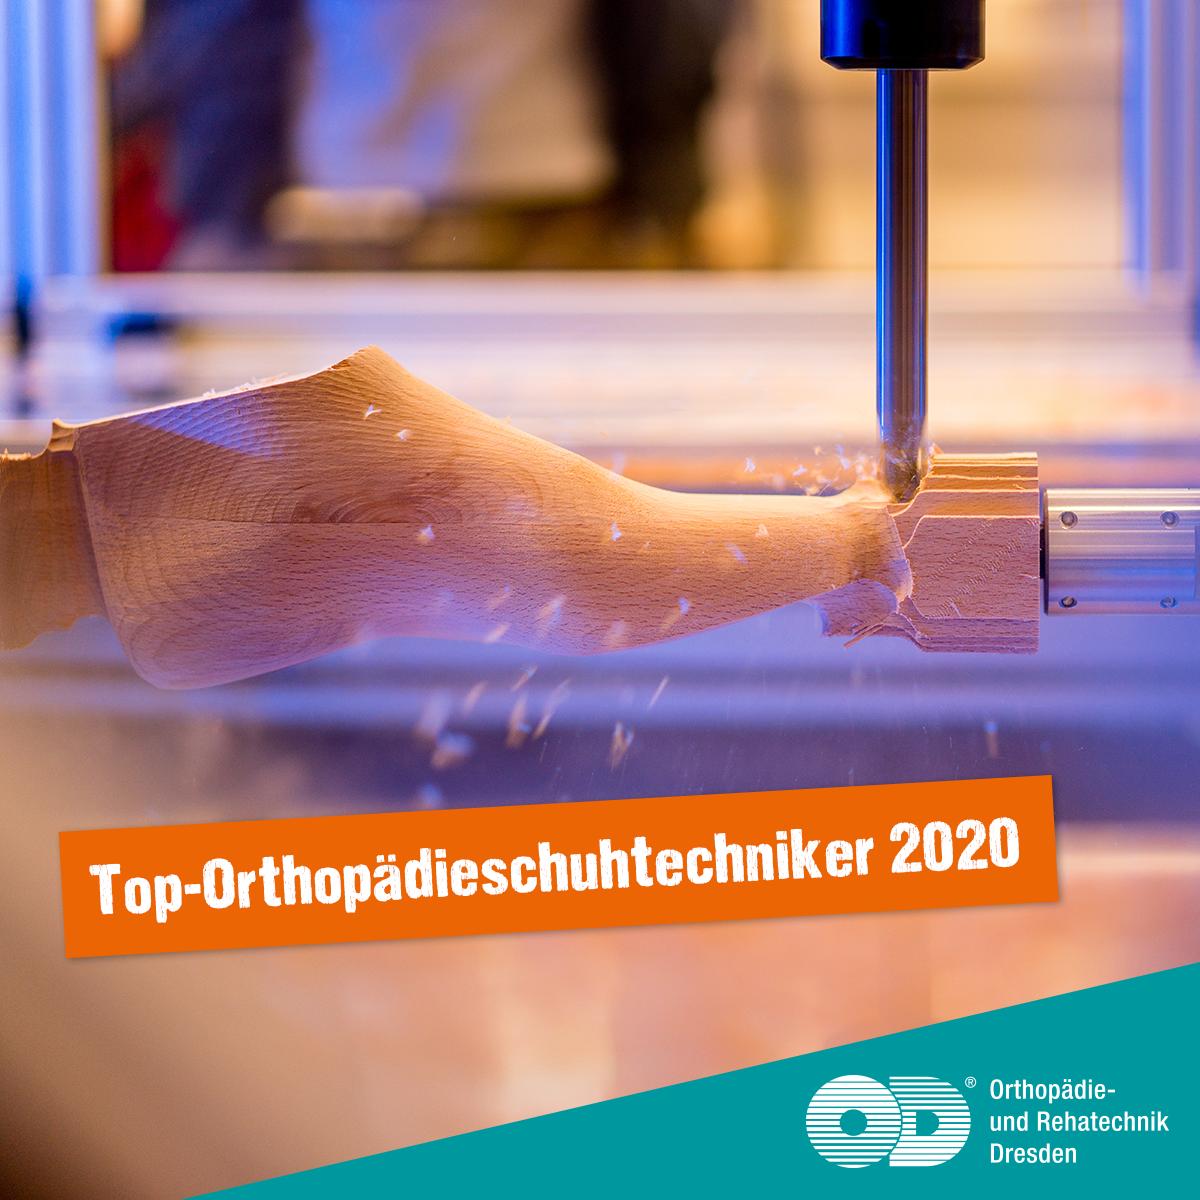 ORD ist Top-Orthopädieschuhtechniker 2020